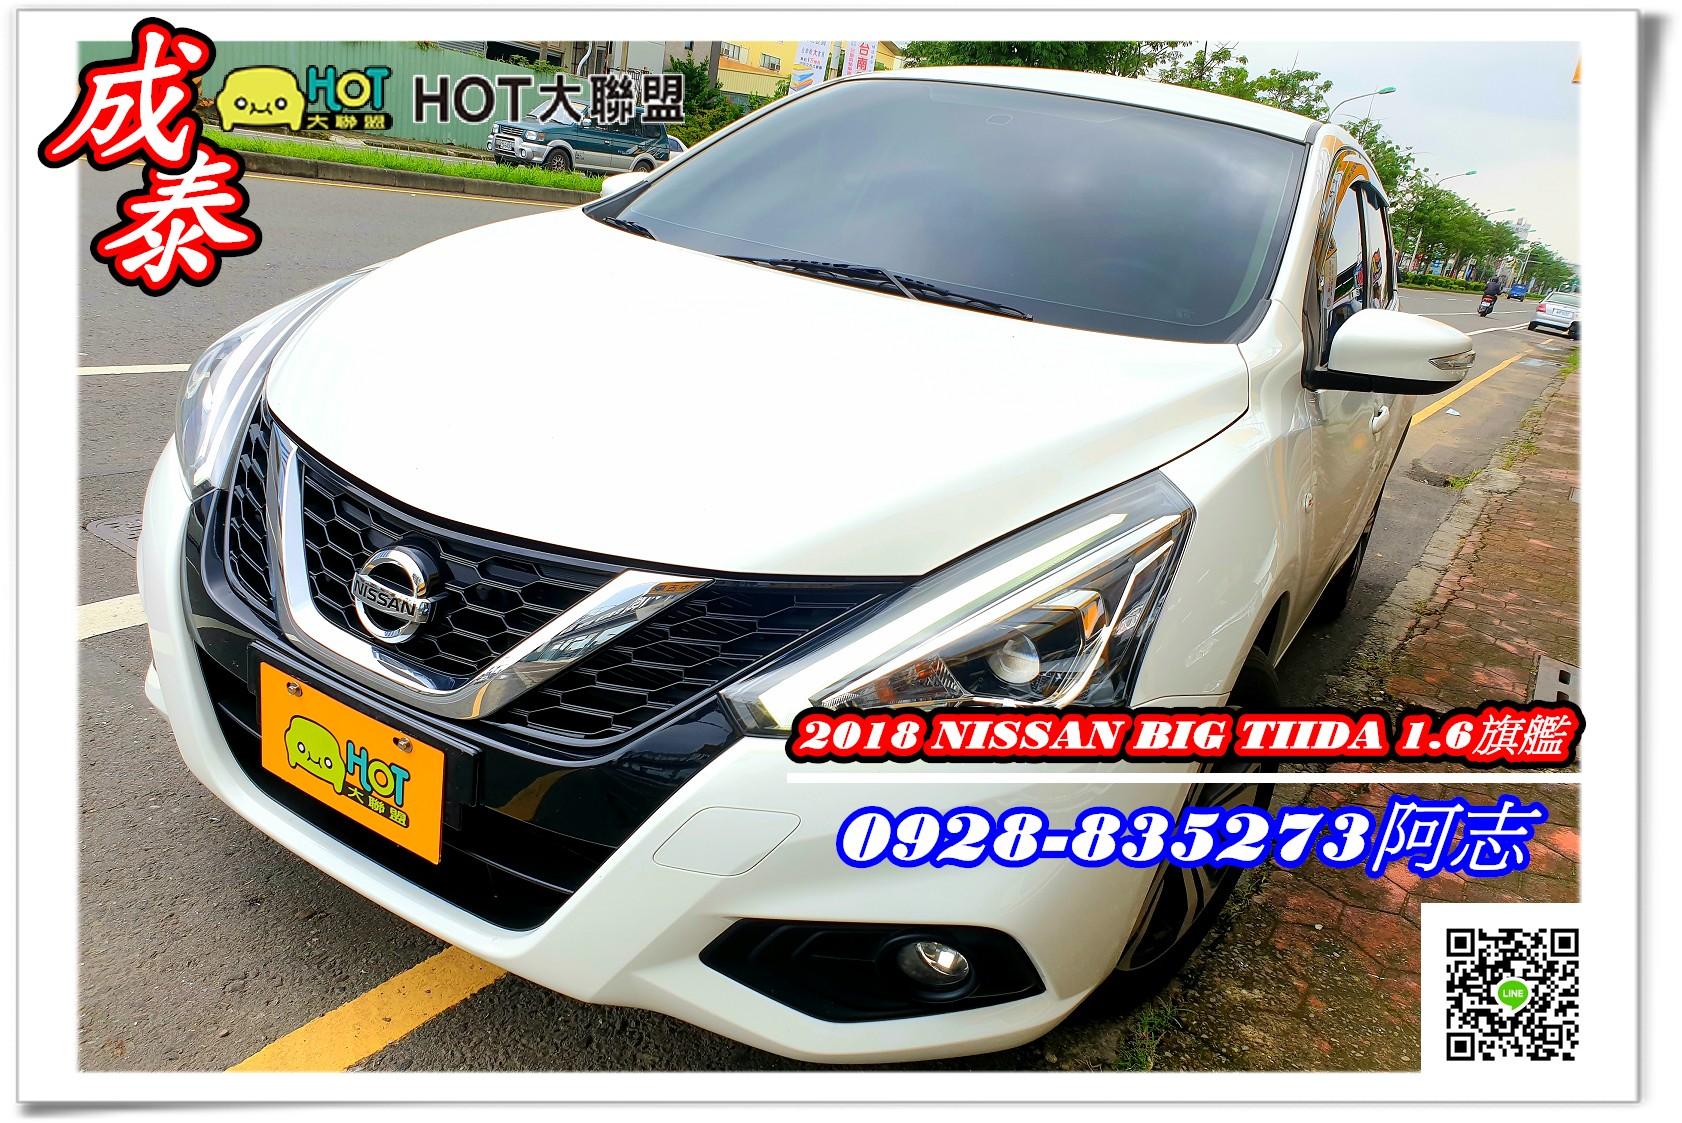 2018 Nissan 日產 Tiida